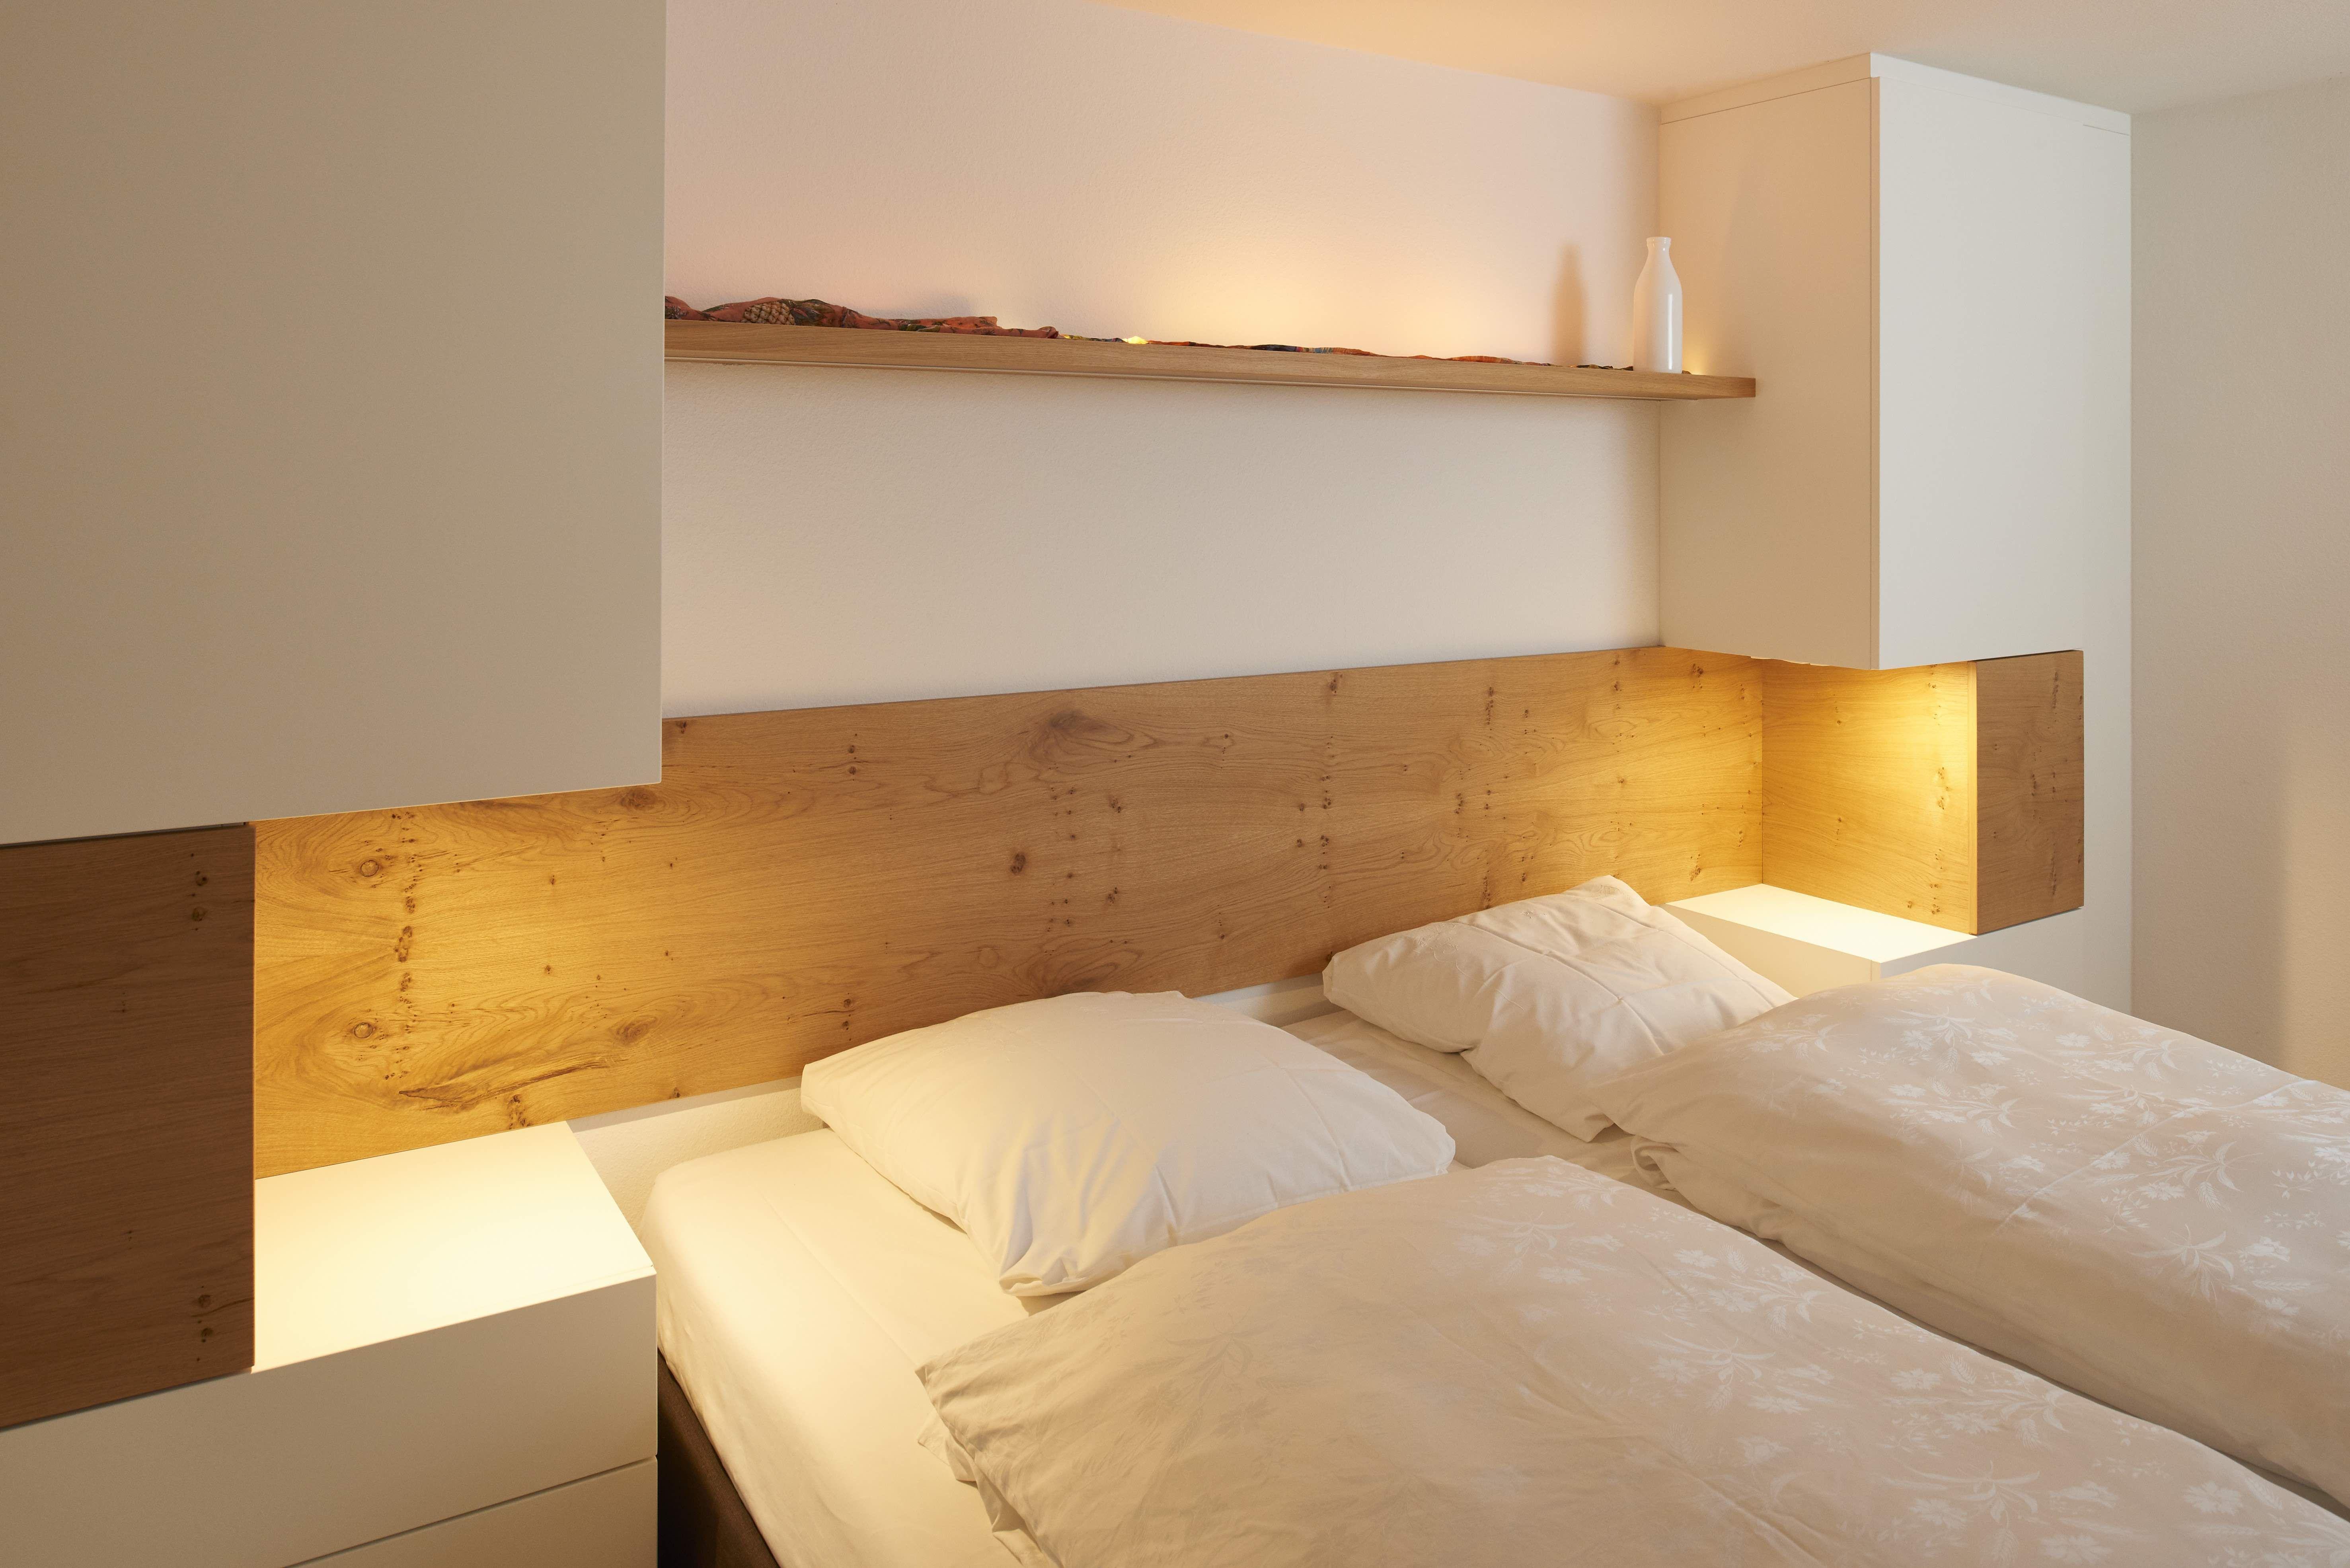 In Diesem Schlafzimmer Ist Das Betthaupt Aus Eiche Furnier In Astiger  Ausführung Inkl. Indirekter LED